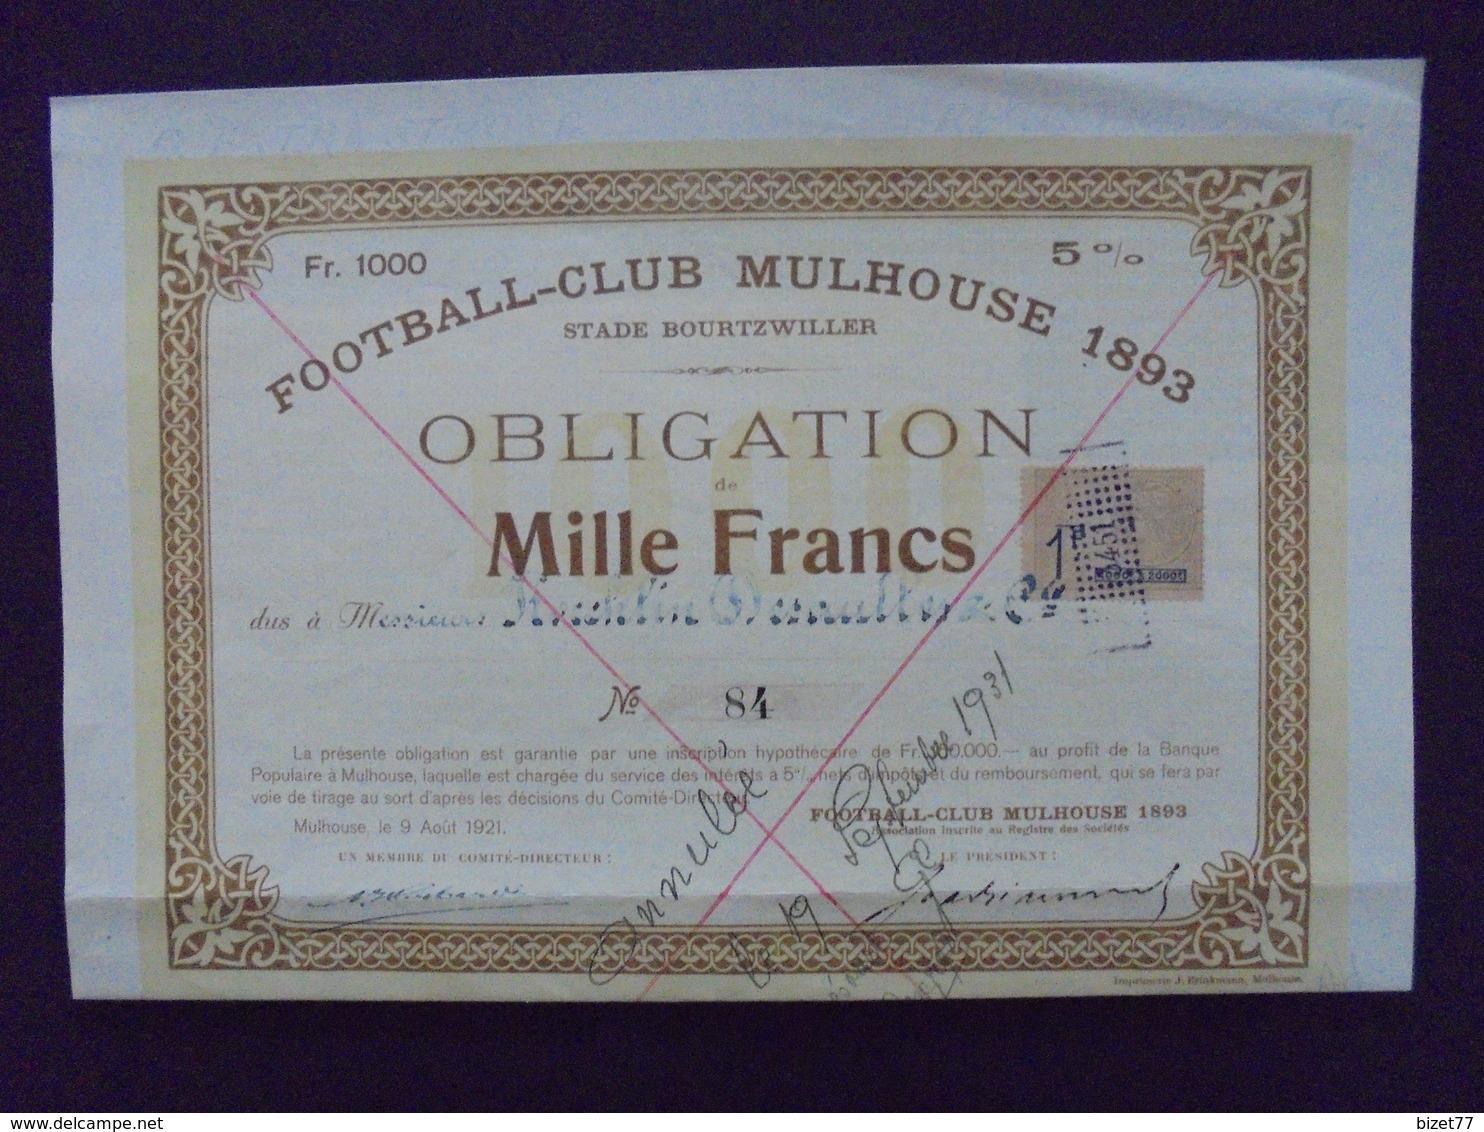 MULHOUSE - FOOTBALL CLUB, STADE BOURTZWILLER - OBLIGATION DE 1 000 FRS - 1893 - Shareholdings